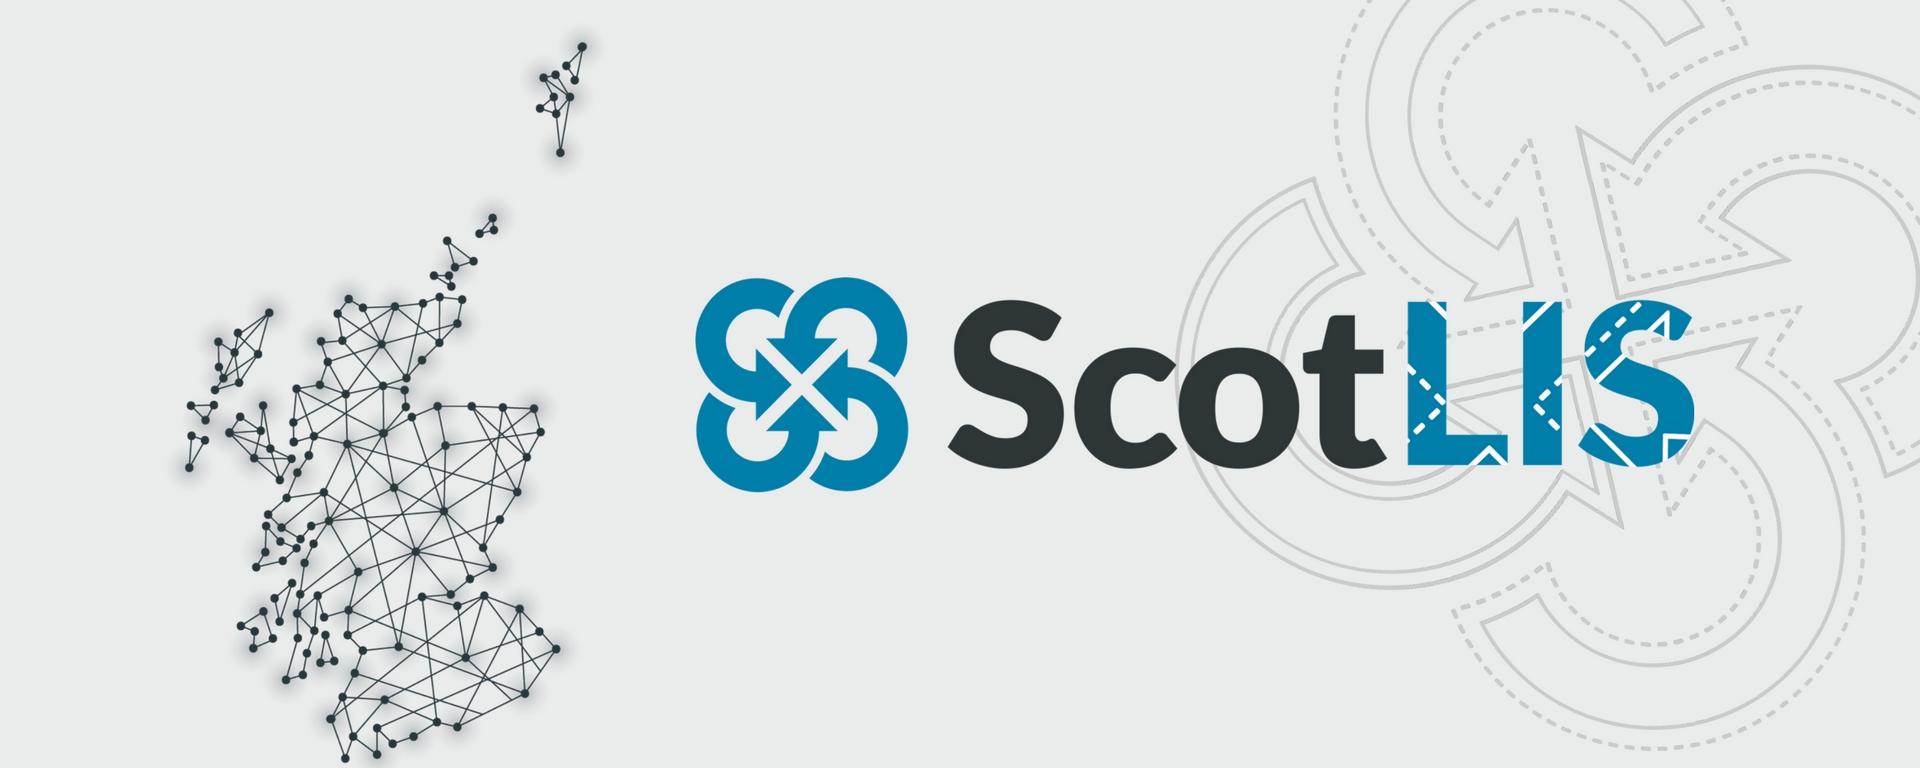 generic scotlis graphic